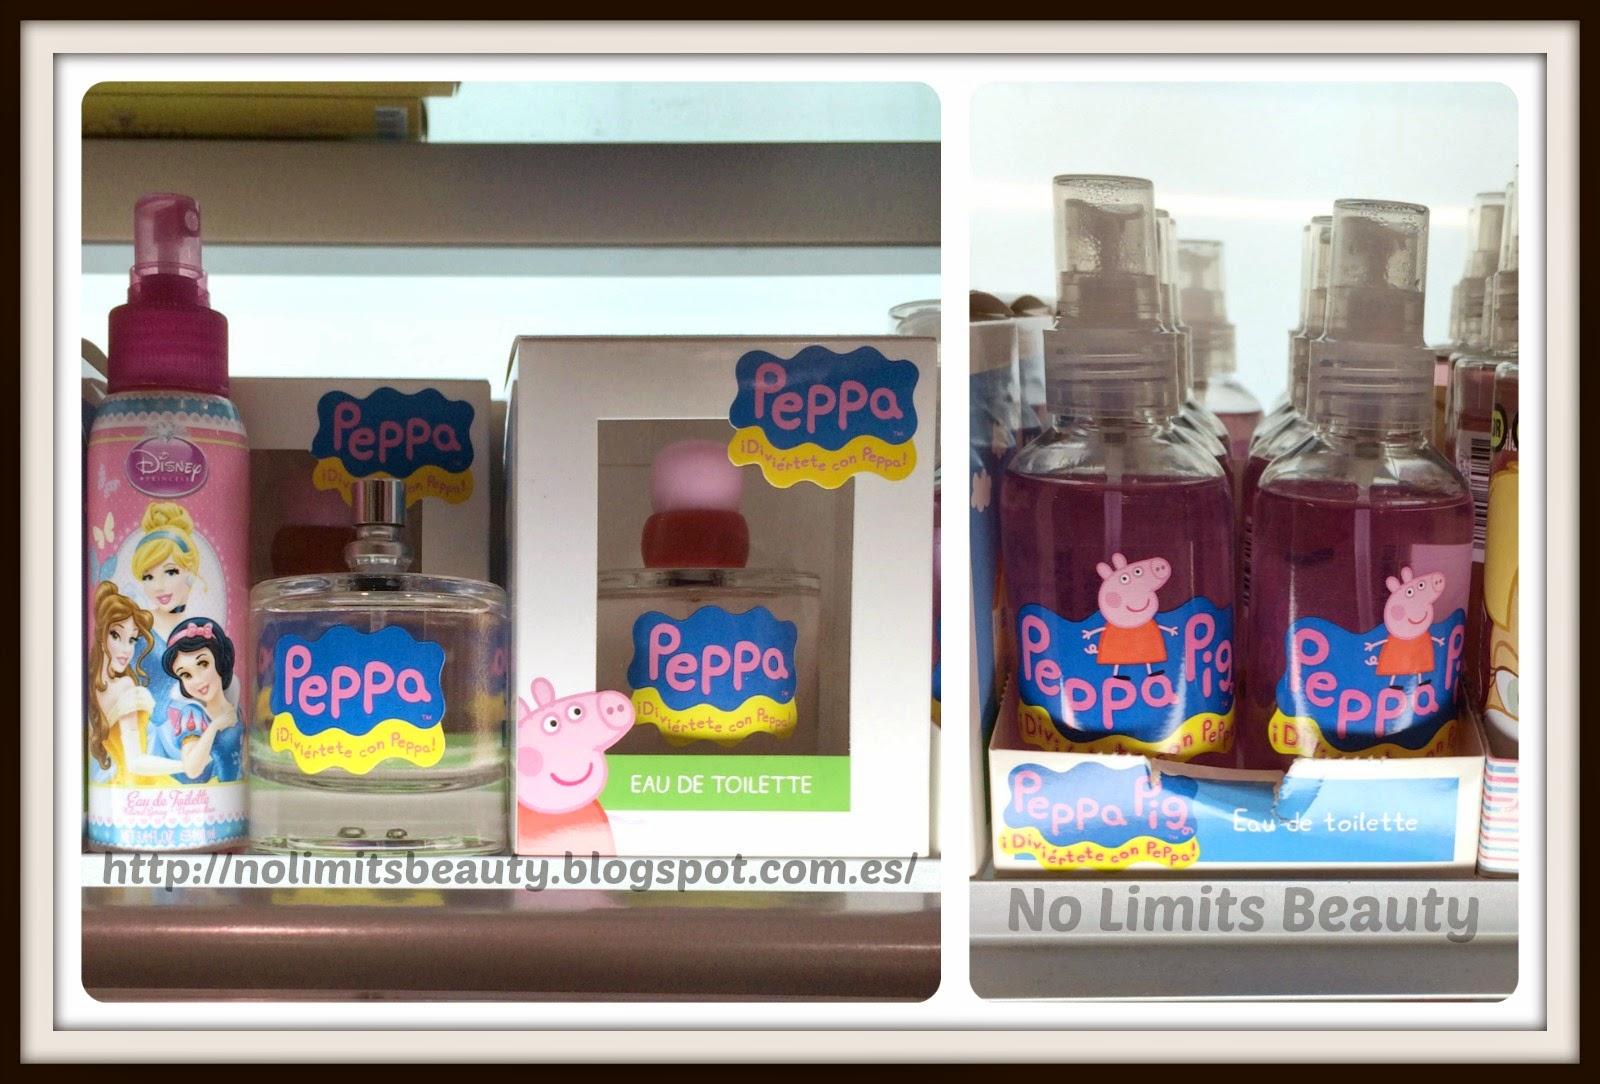 Eau de Toilette Peppa Pig